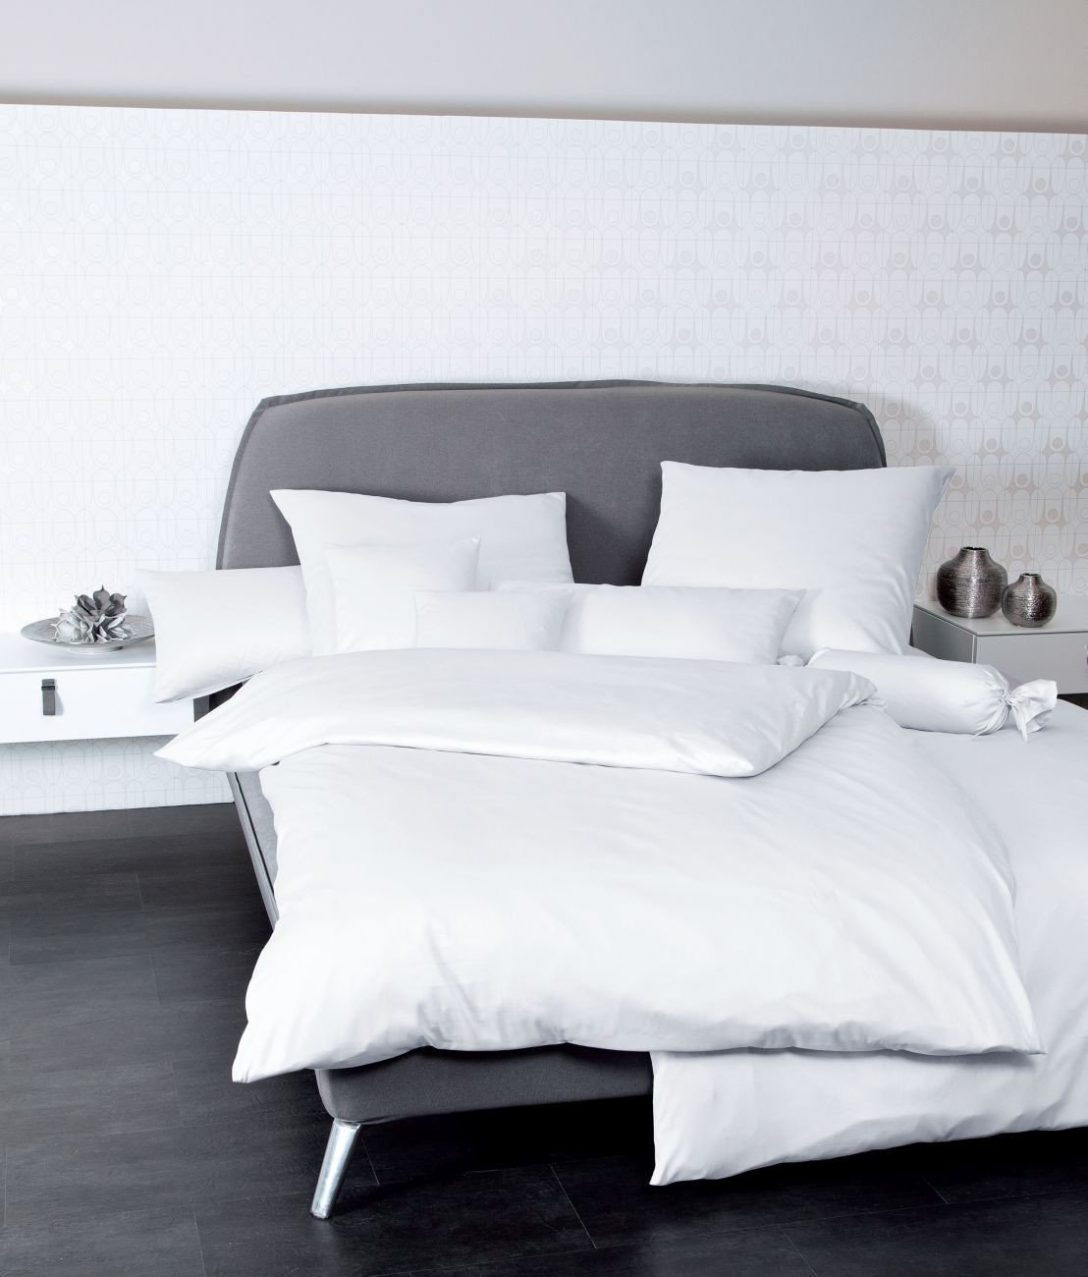 Large Size of Betten München 200x220 Hasena Ebay 180x200 Trends Rauch 140x200 Amazon Weiß Frankfurt 100x200 Günstige Japanische Landhausstil Massivholz Bett Betten 200x220